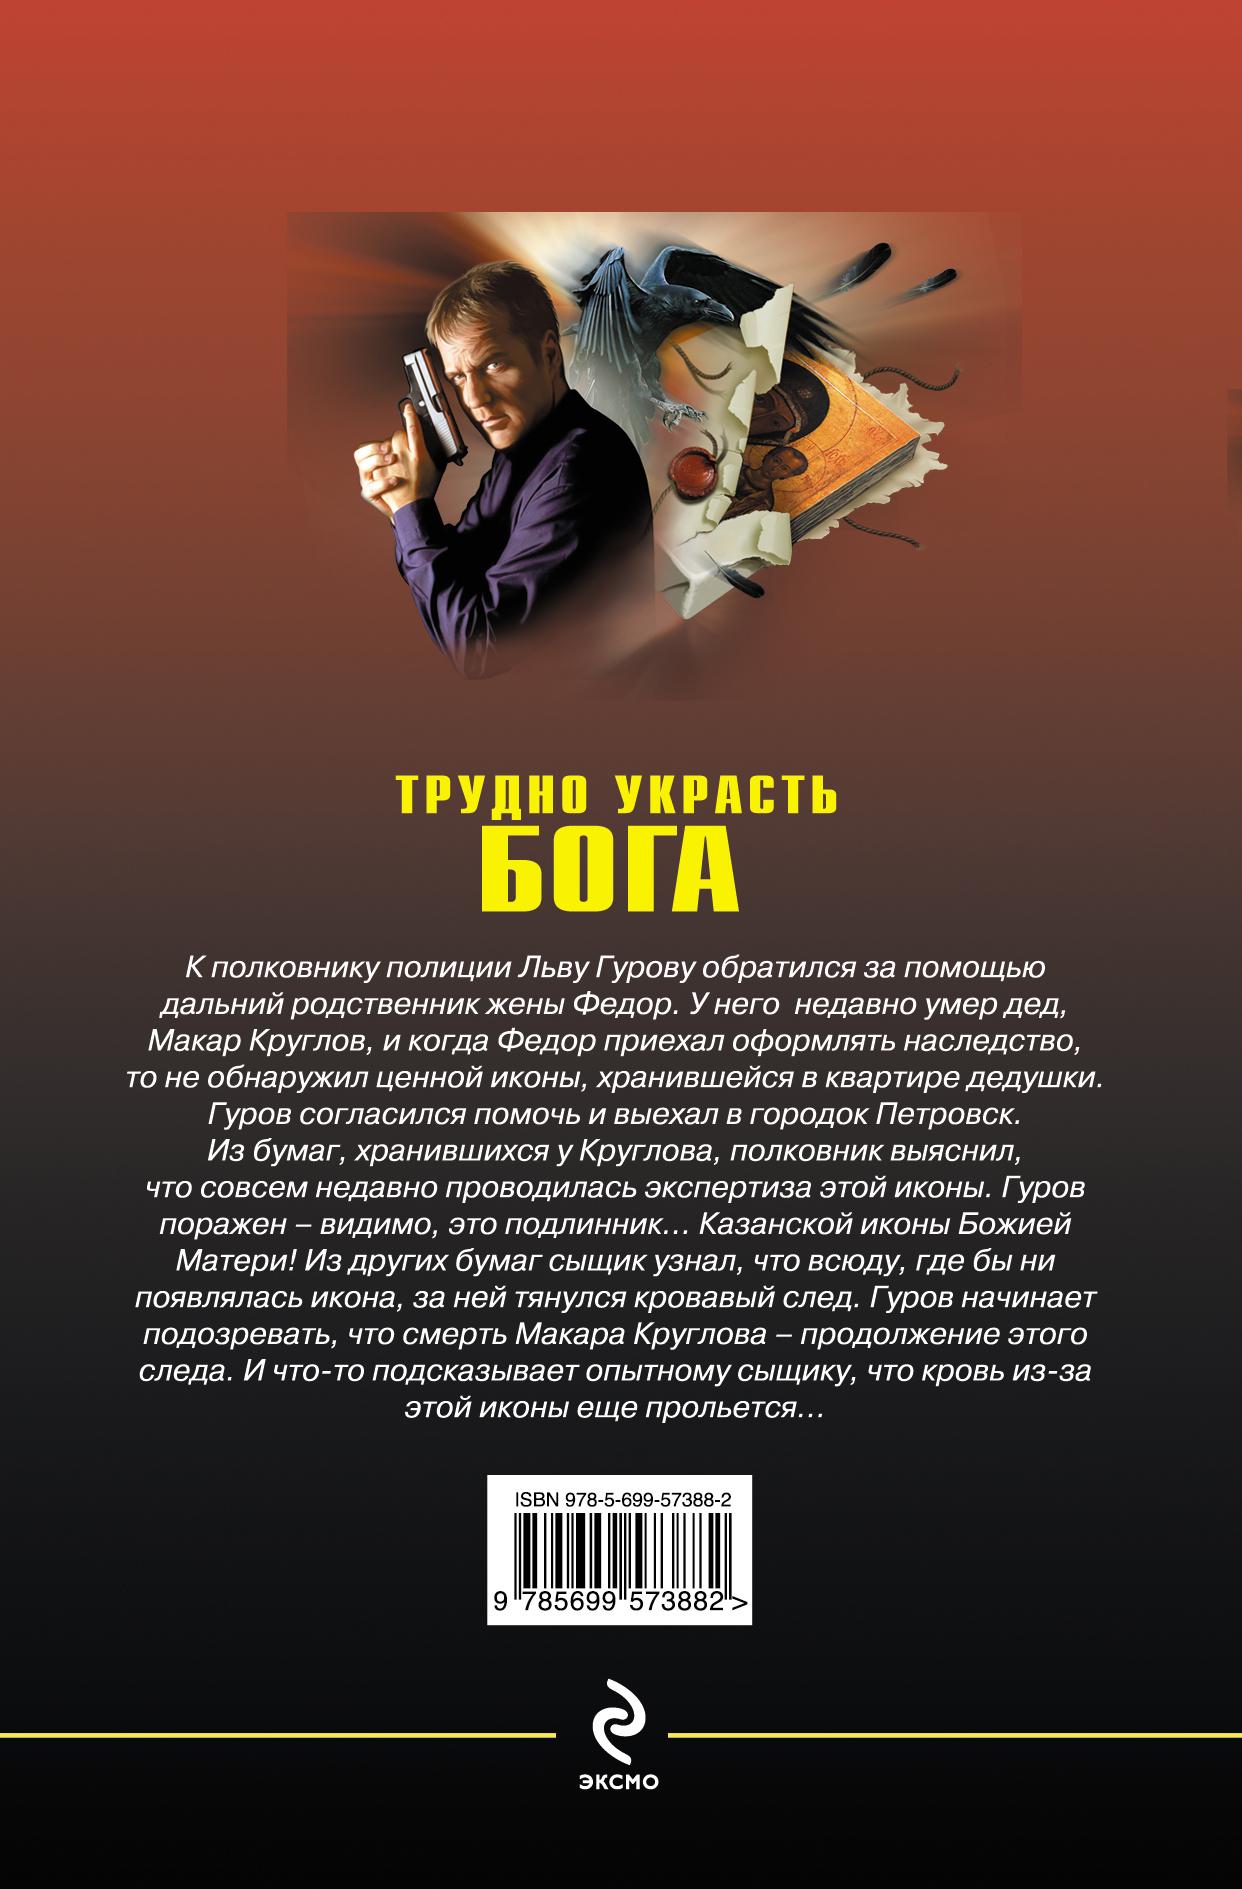 Трудно украсть бога К полковнику полиции Льву Гурову...